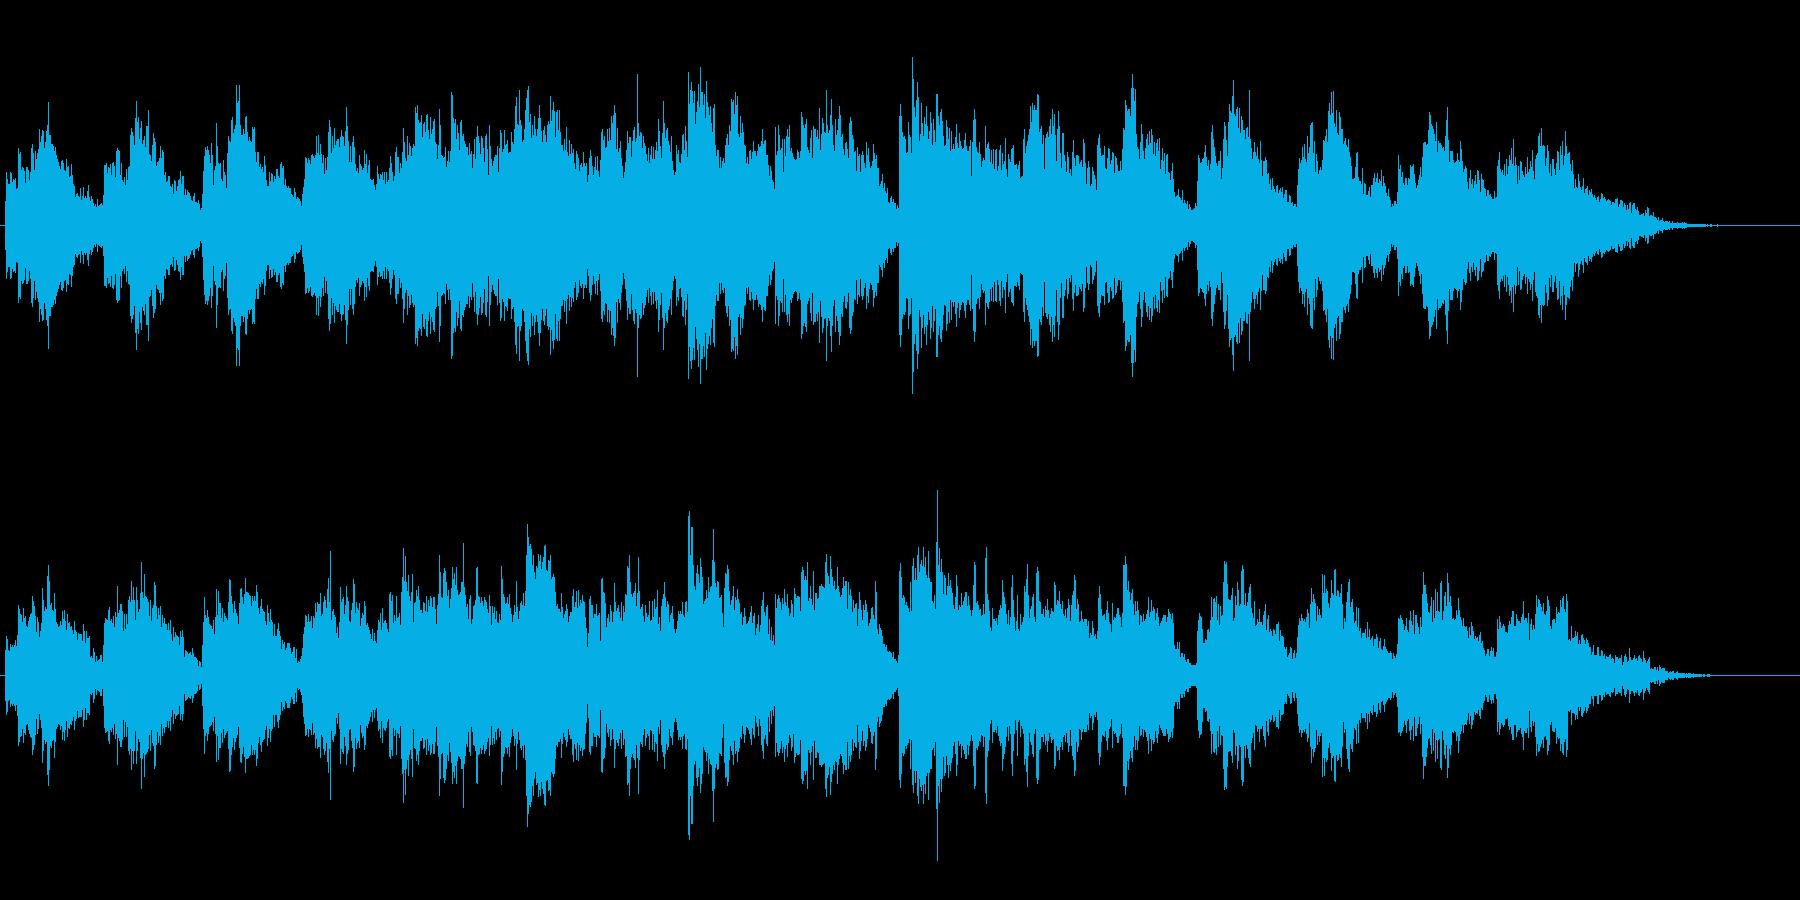 ピアノと笛の優しいほのぼのとしたジングルの再生済みの波形